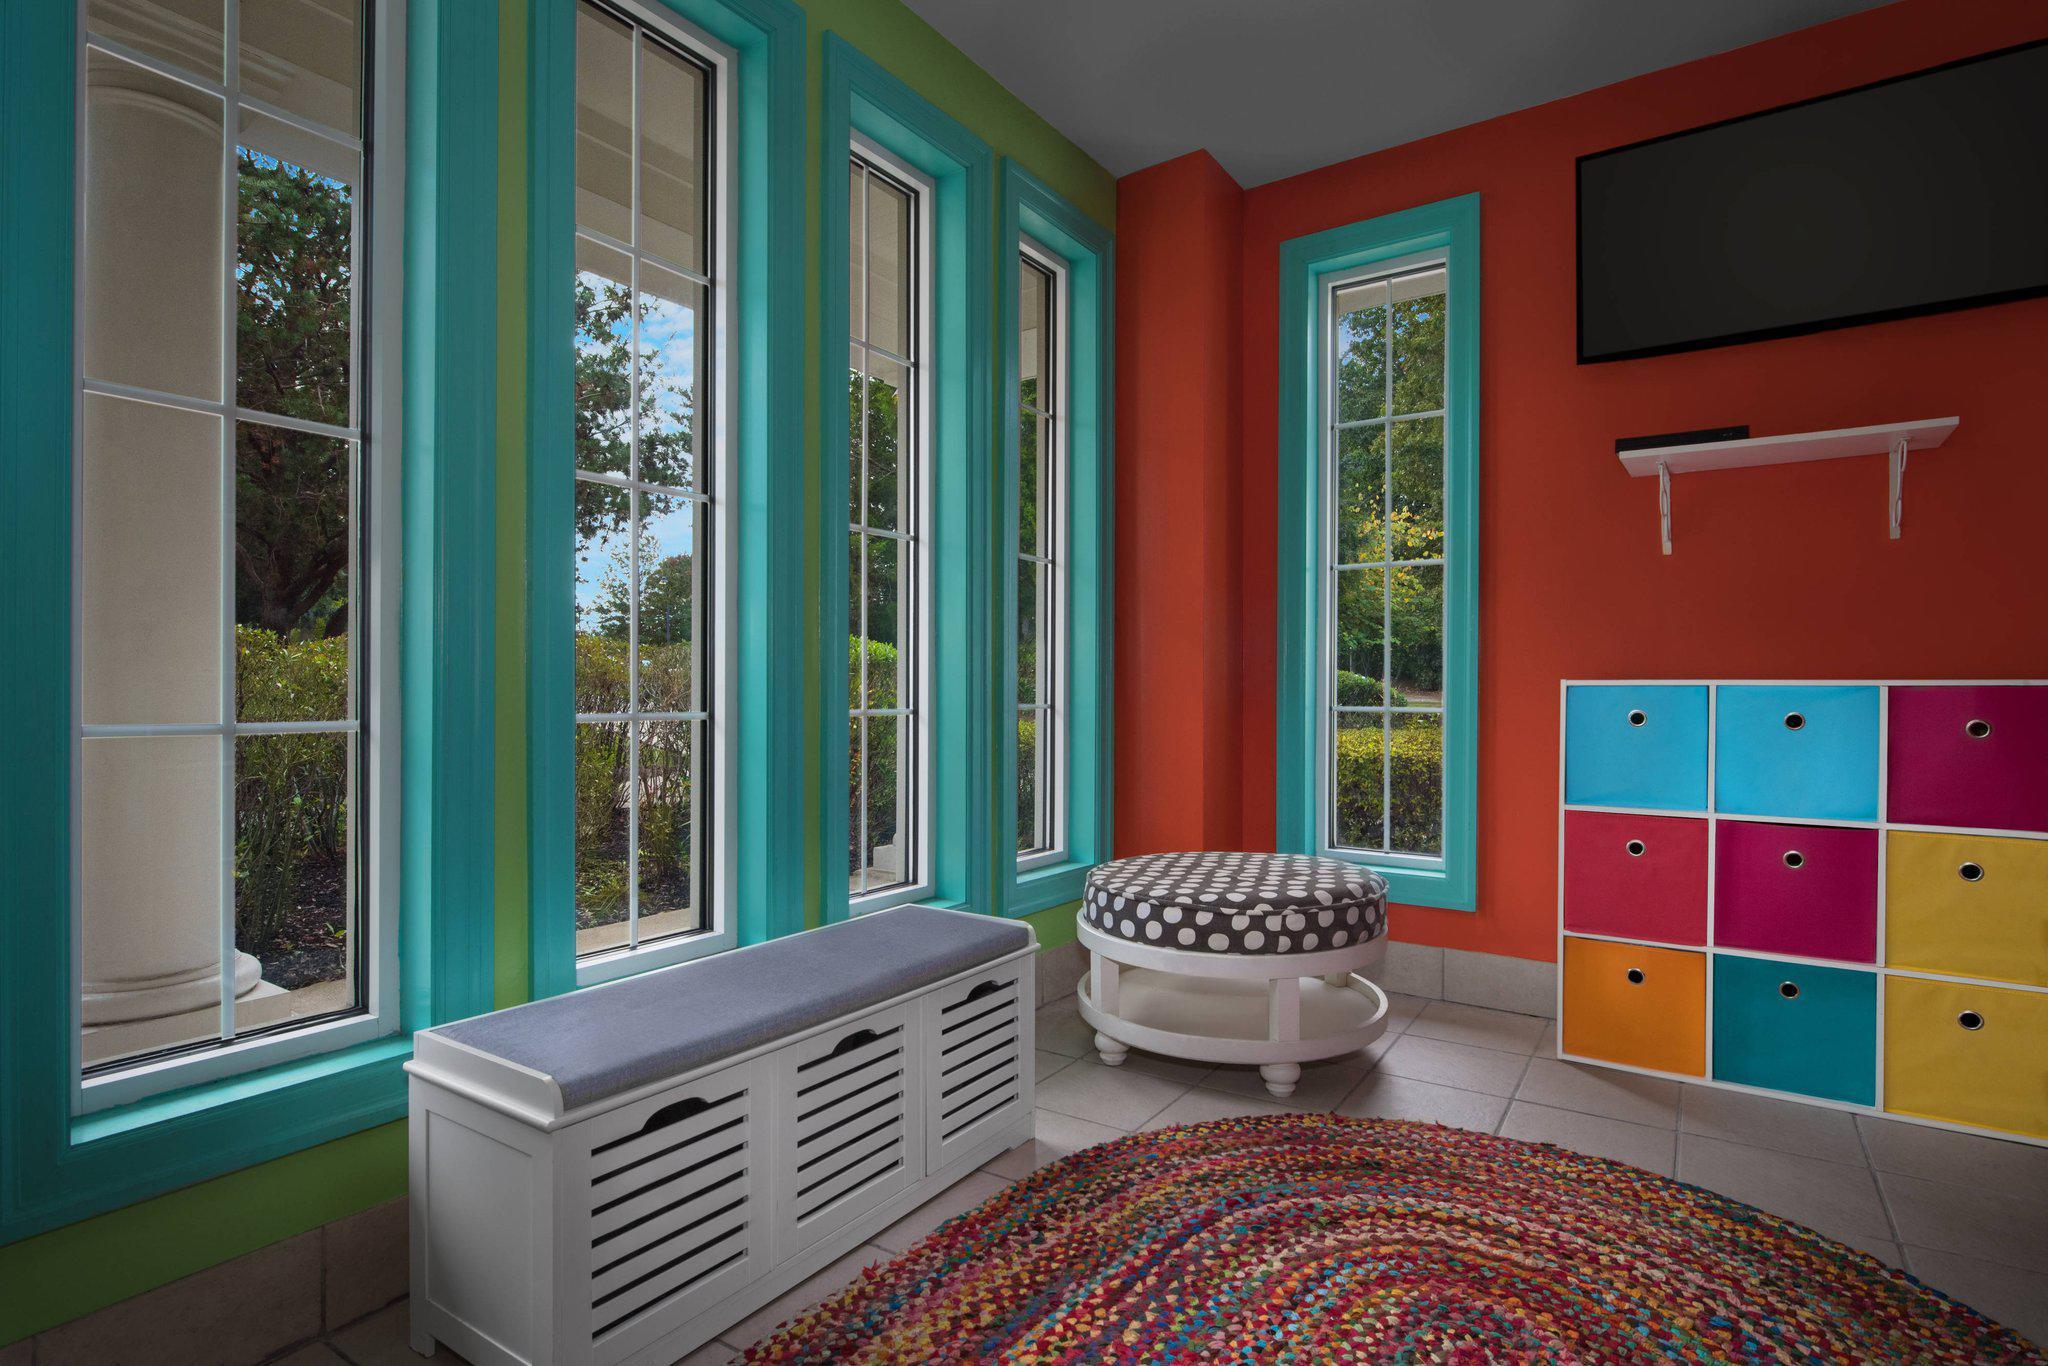 Marriotts Fairway Villas Galloway New Jersey NJ